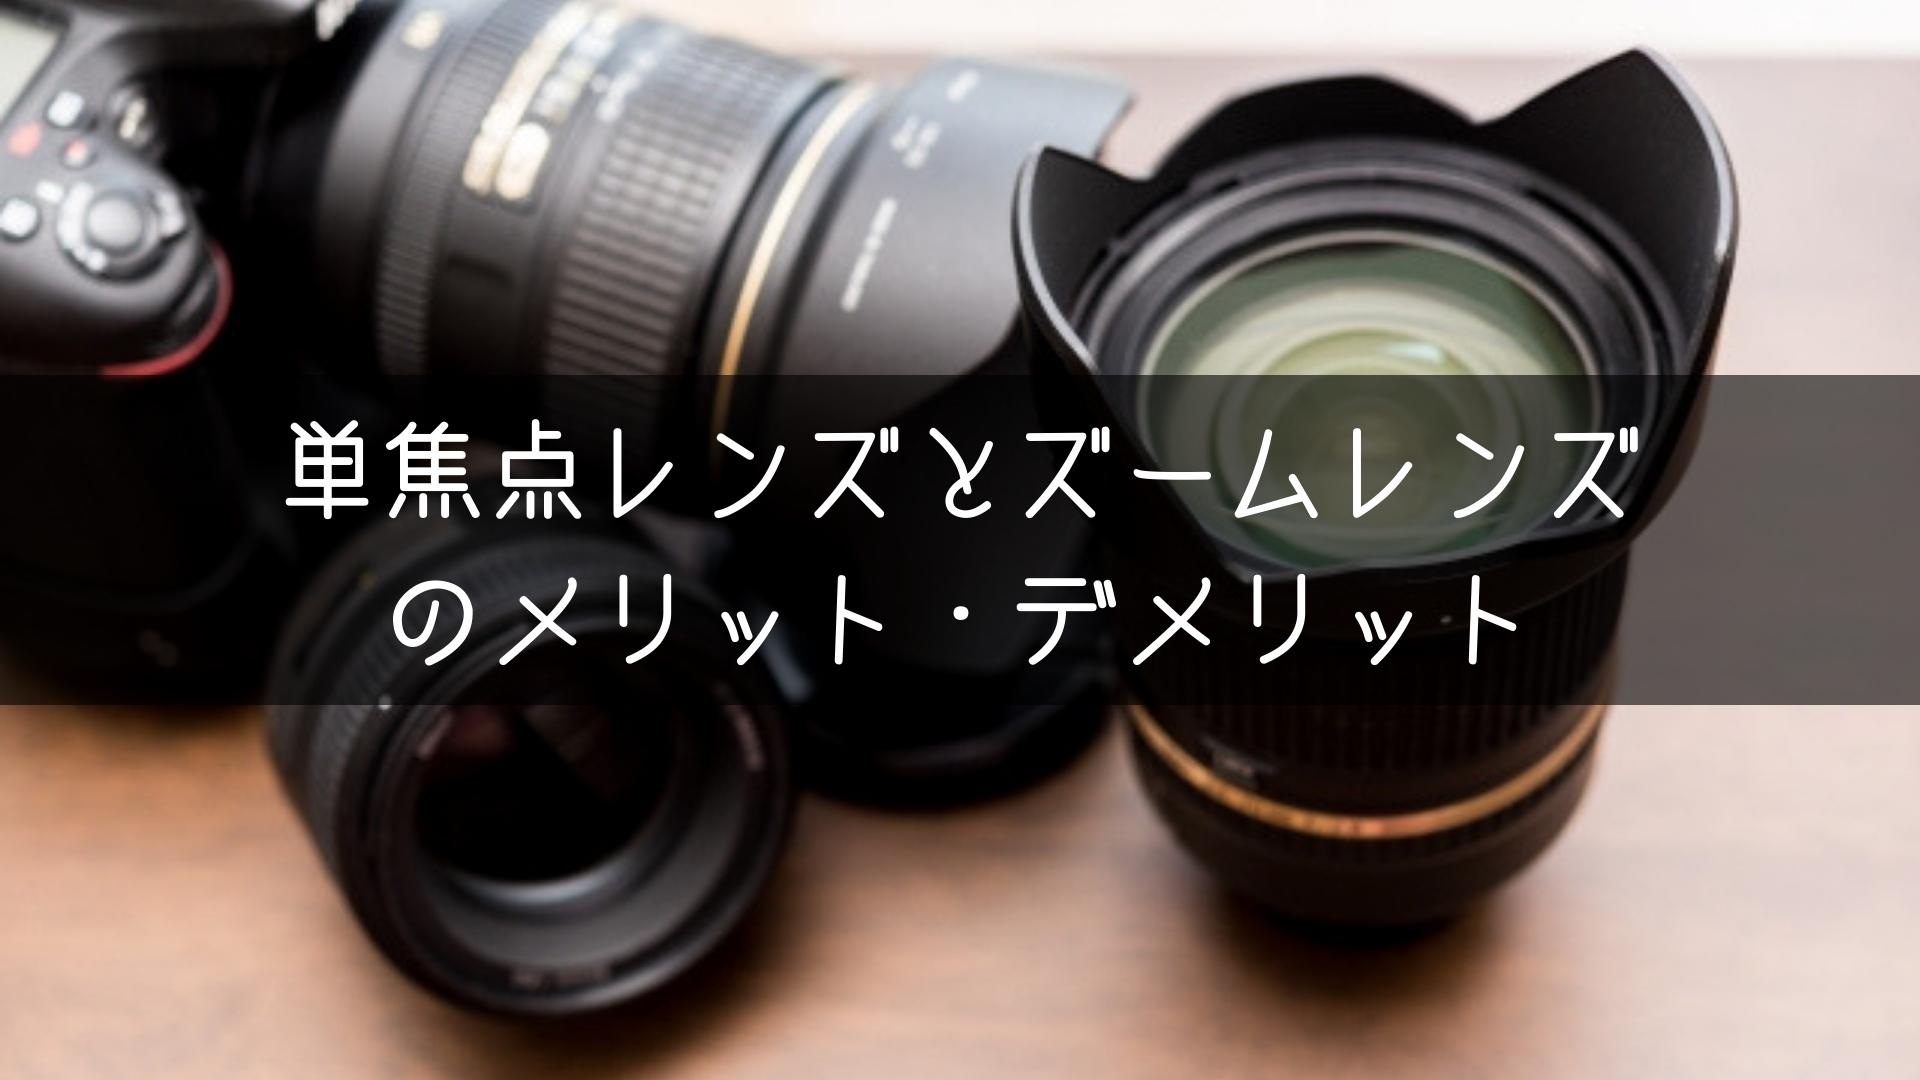 単焦点レンズとズームレンズのメリット・デメリット